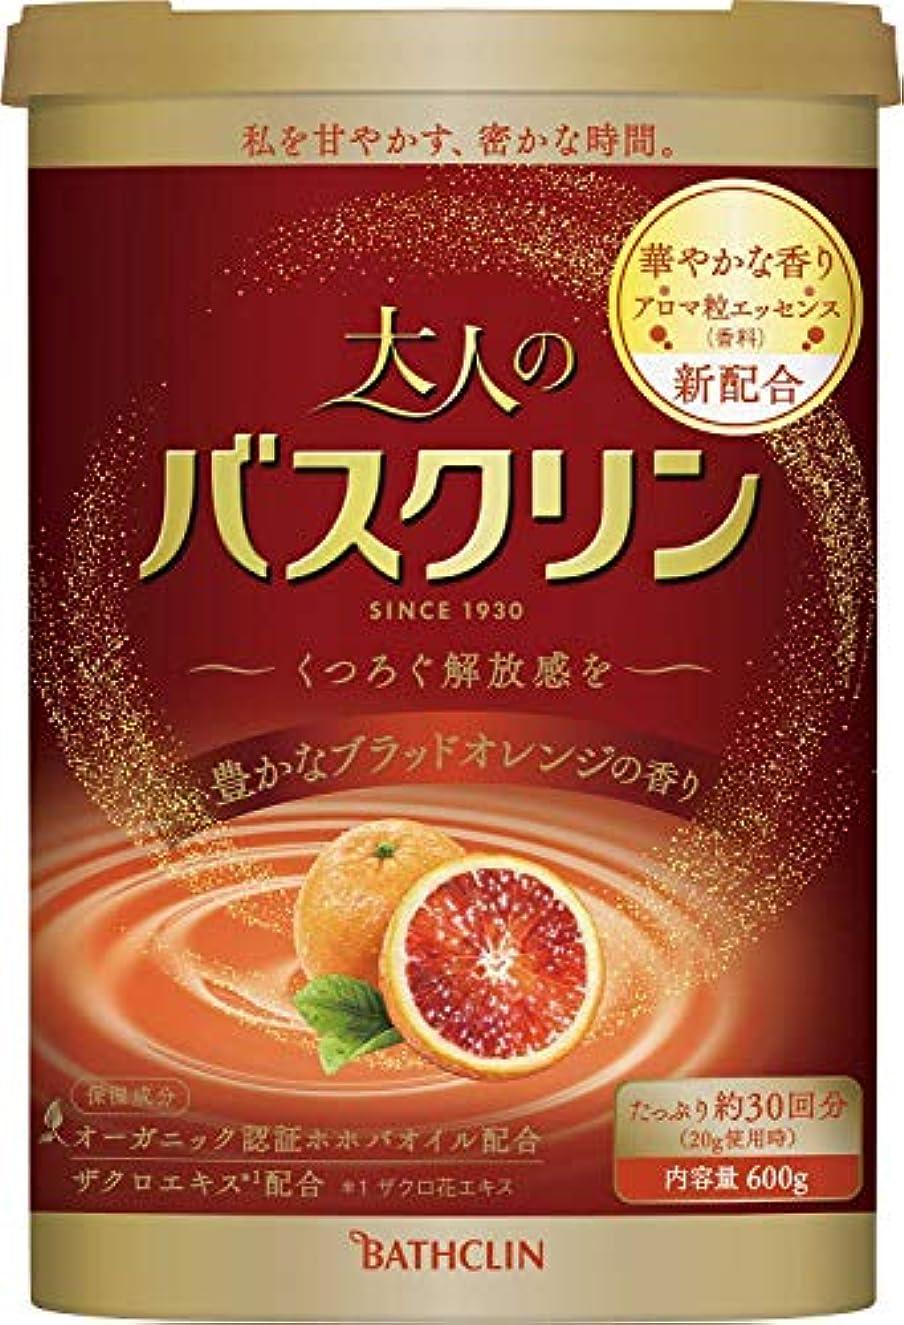 故国受信機独創的大人のバスクリン入浴剤 豊かなブラッドオレンジの香り600g(約30回分) リラックス にごりタイプ